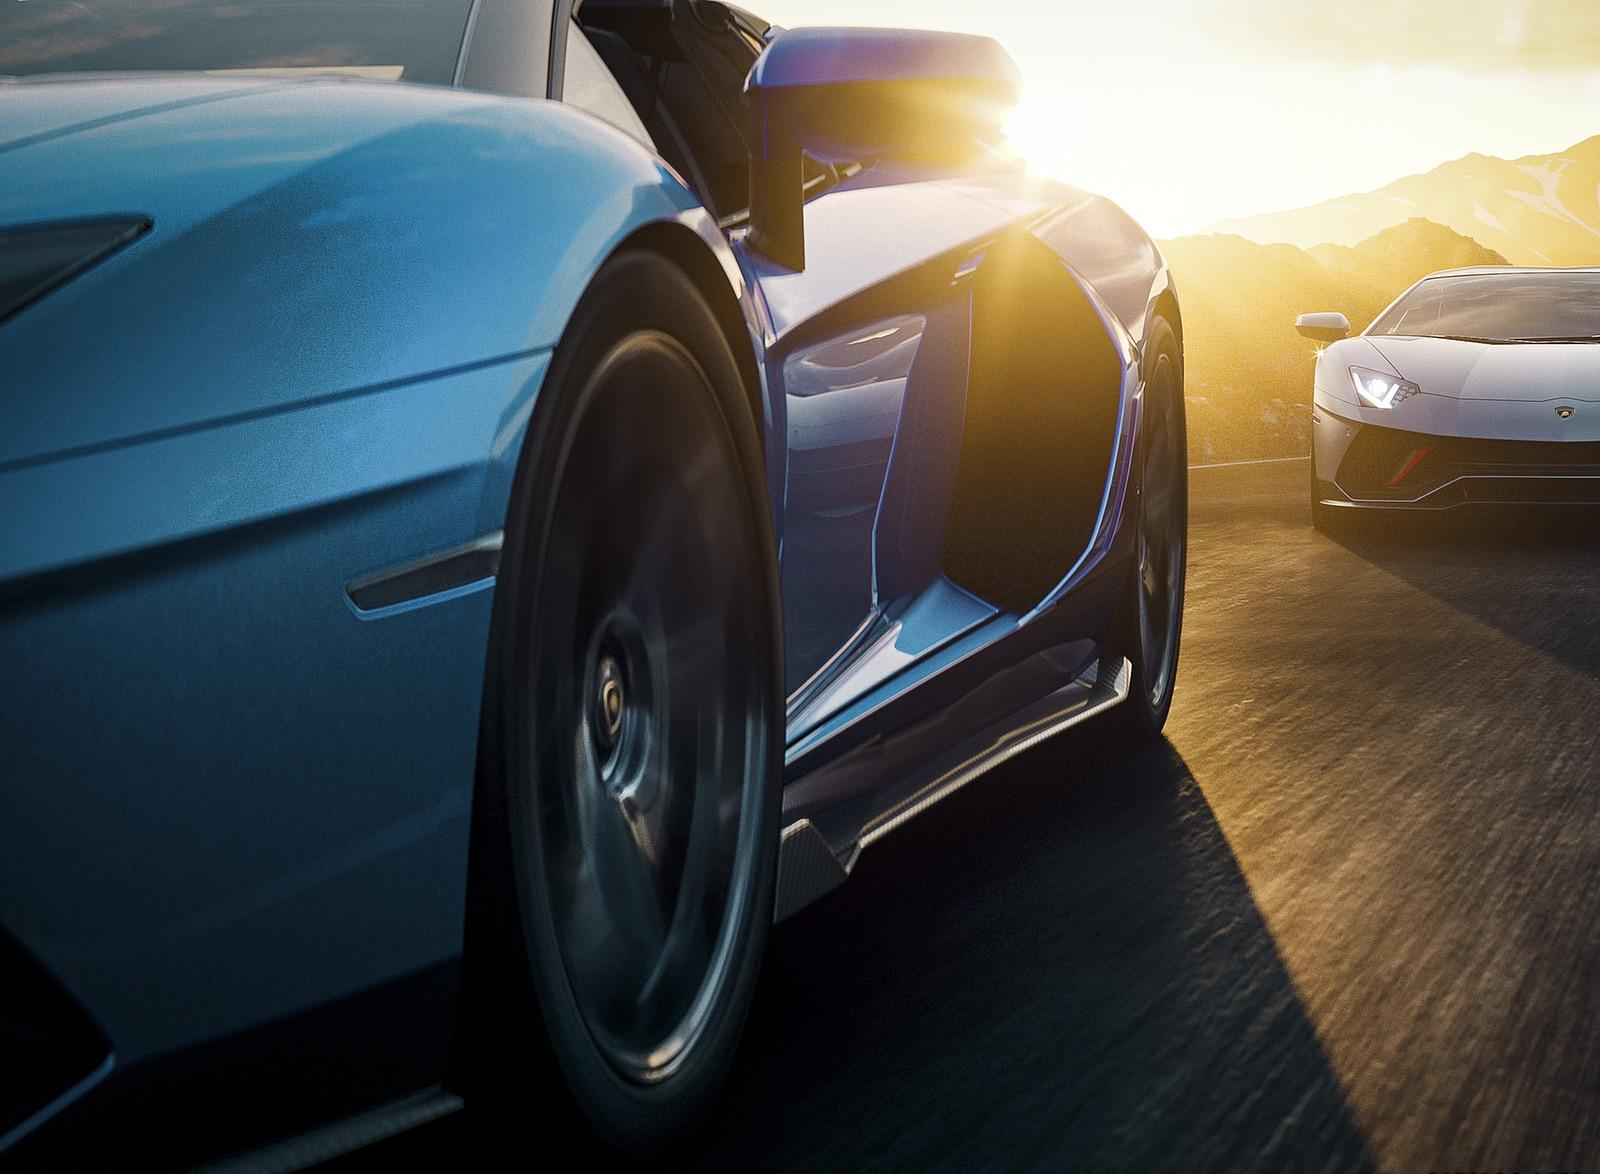 2022 Lamborghini Aventador LP 780-4 Ultimae Roadster Wallpapers (7)